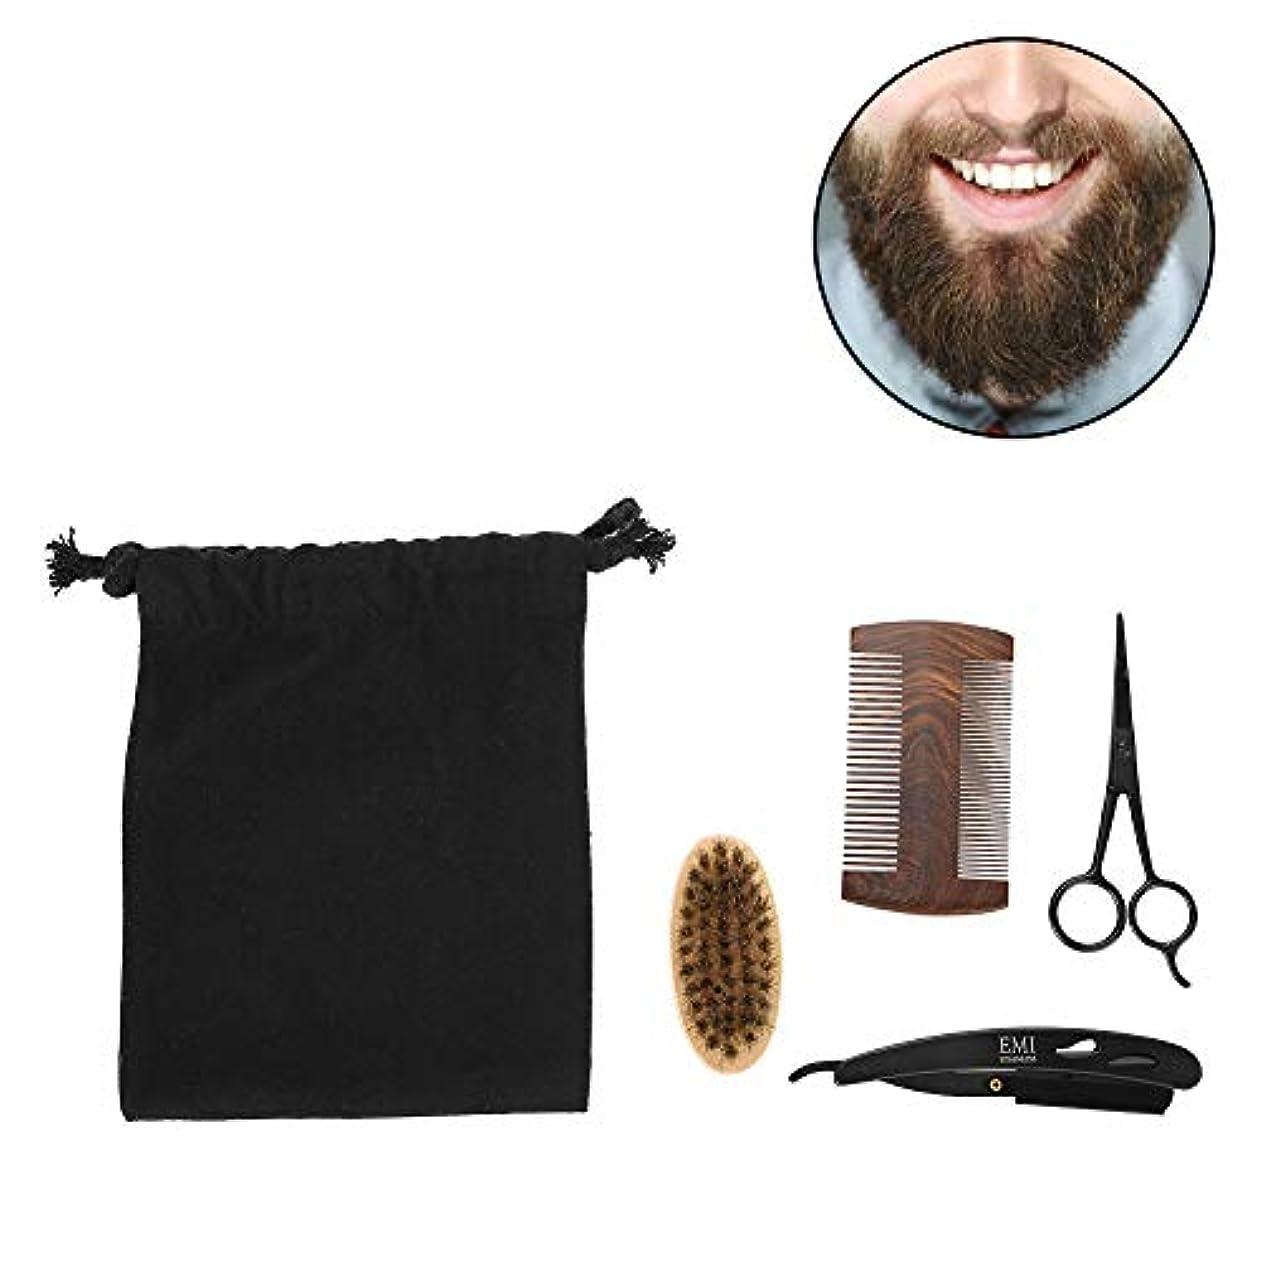 コンサルタント受け継ぐ口述男性のためのSemmeひげグルーミングキット、ひげブラシセット、ひげケアセットスタイル男性のくしブラシはさみキットモデリングクリーニング修理セットとキャンバスバッグ